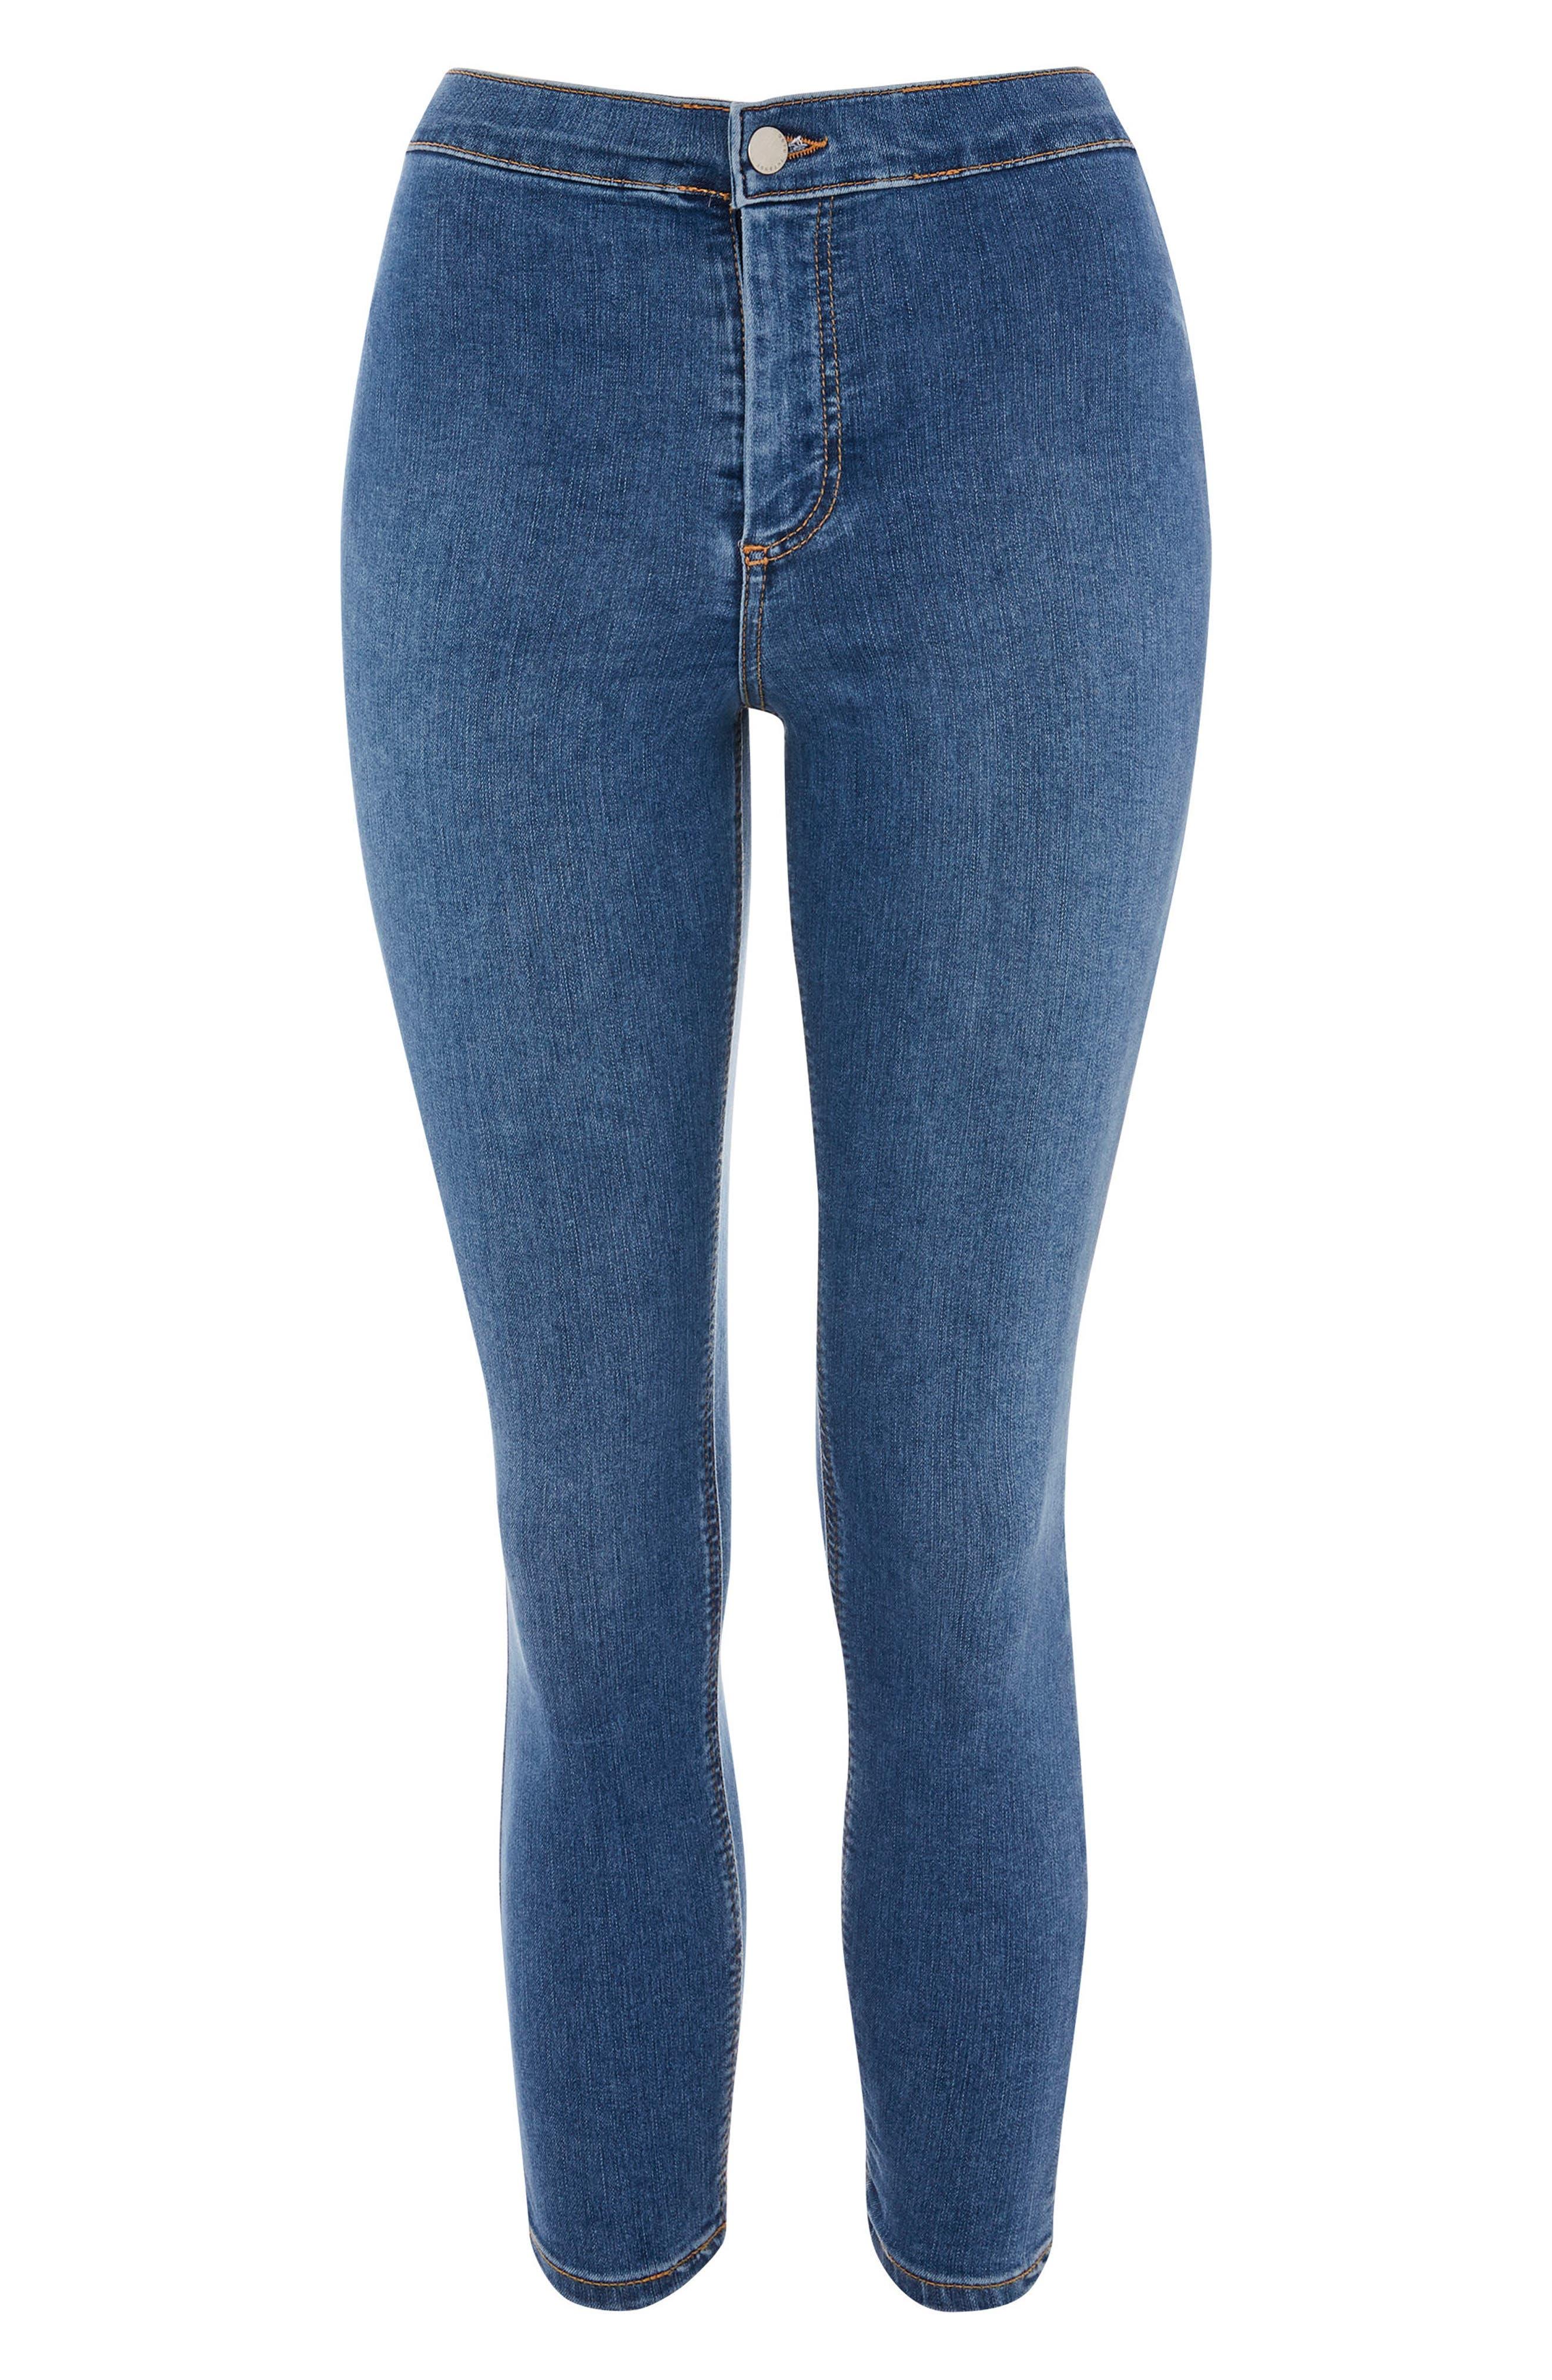 Joni Skinny Jeans,                             Alternate thumbnail 4, color,                             MID DENIM